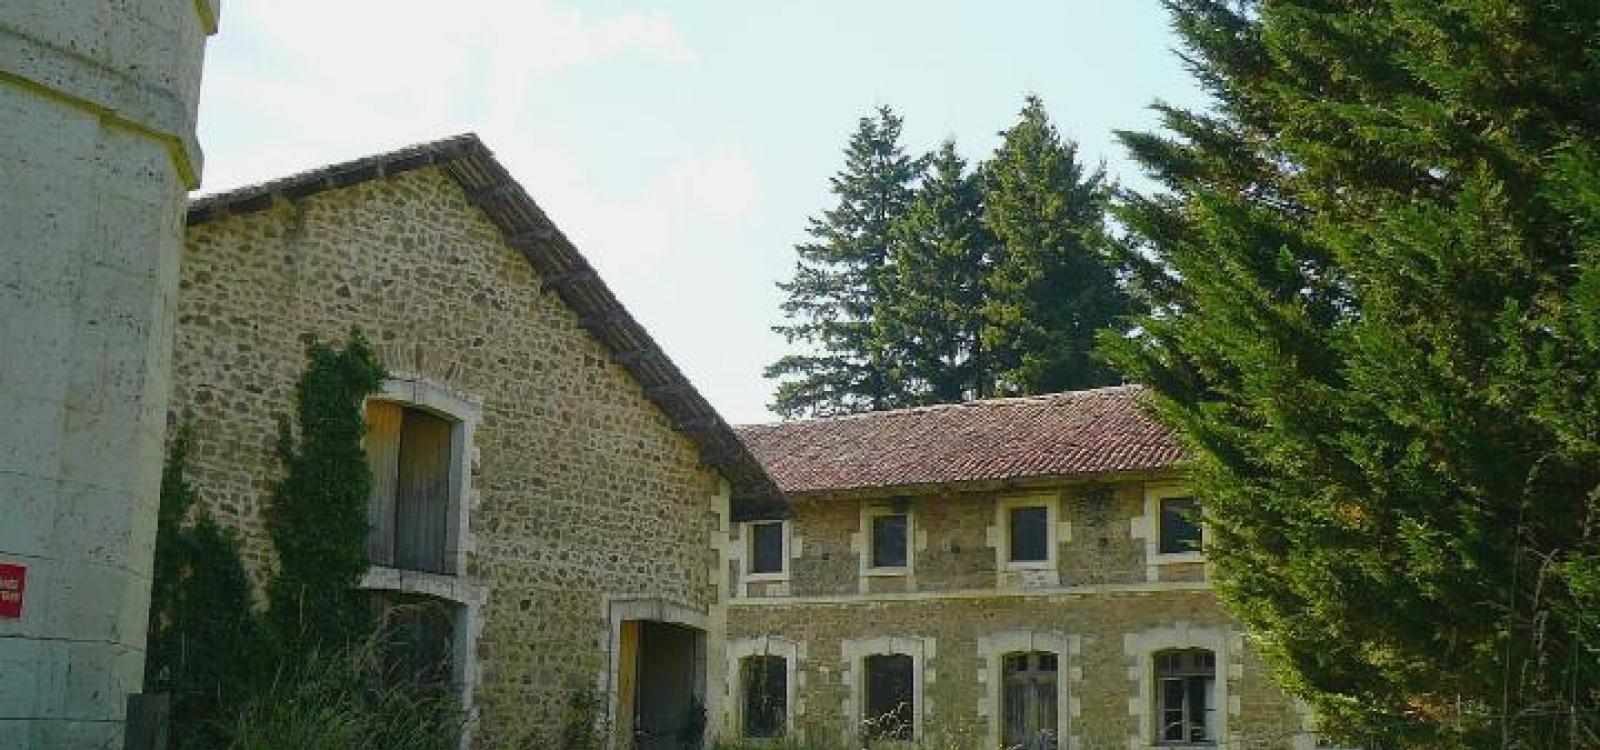 Angoulème,Dordogne,France,Château,1017